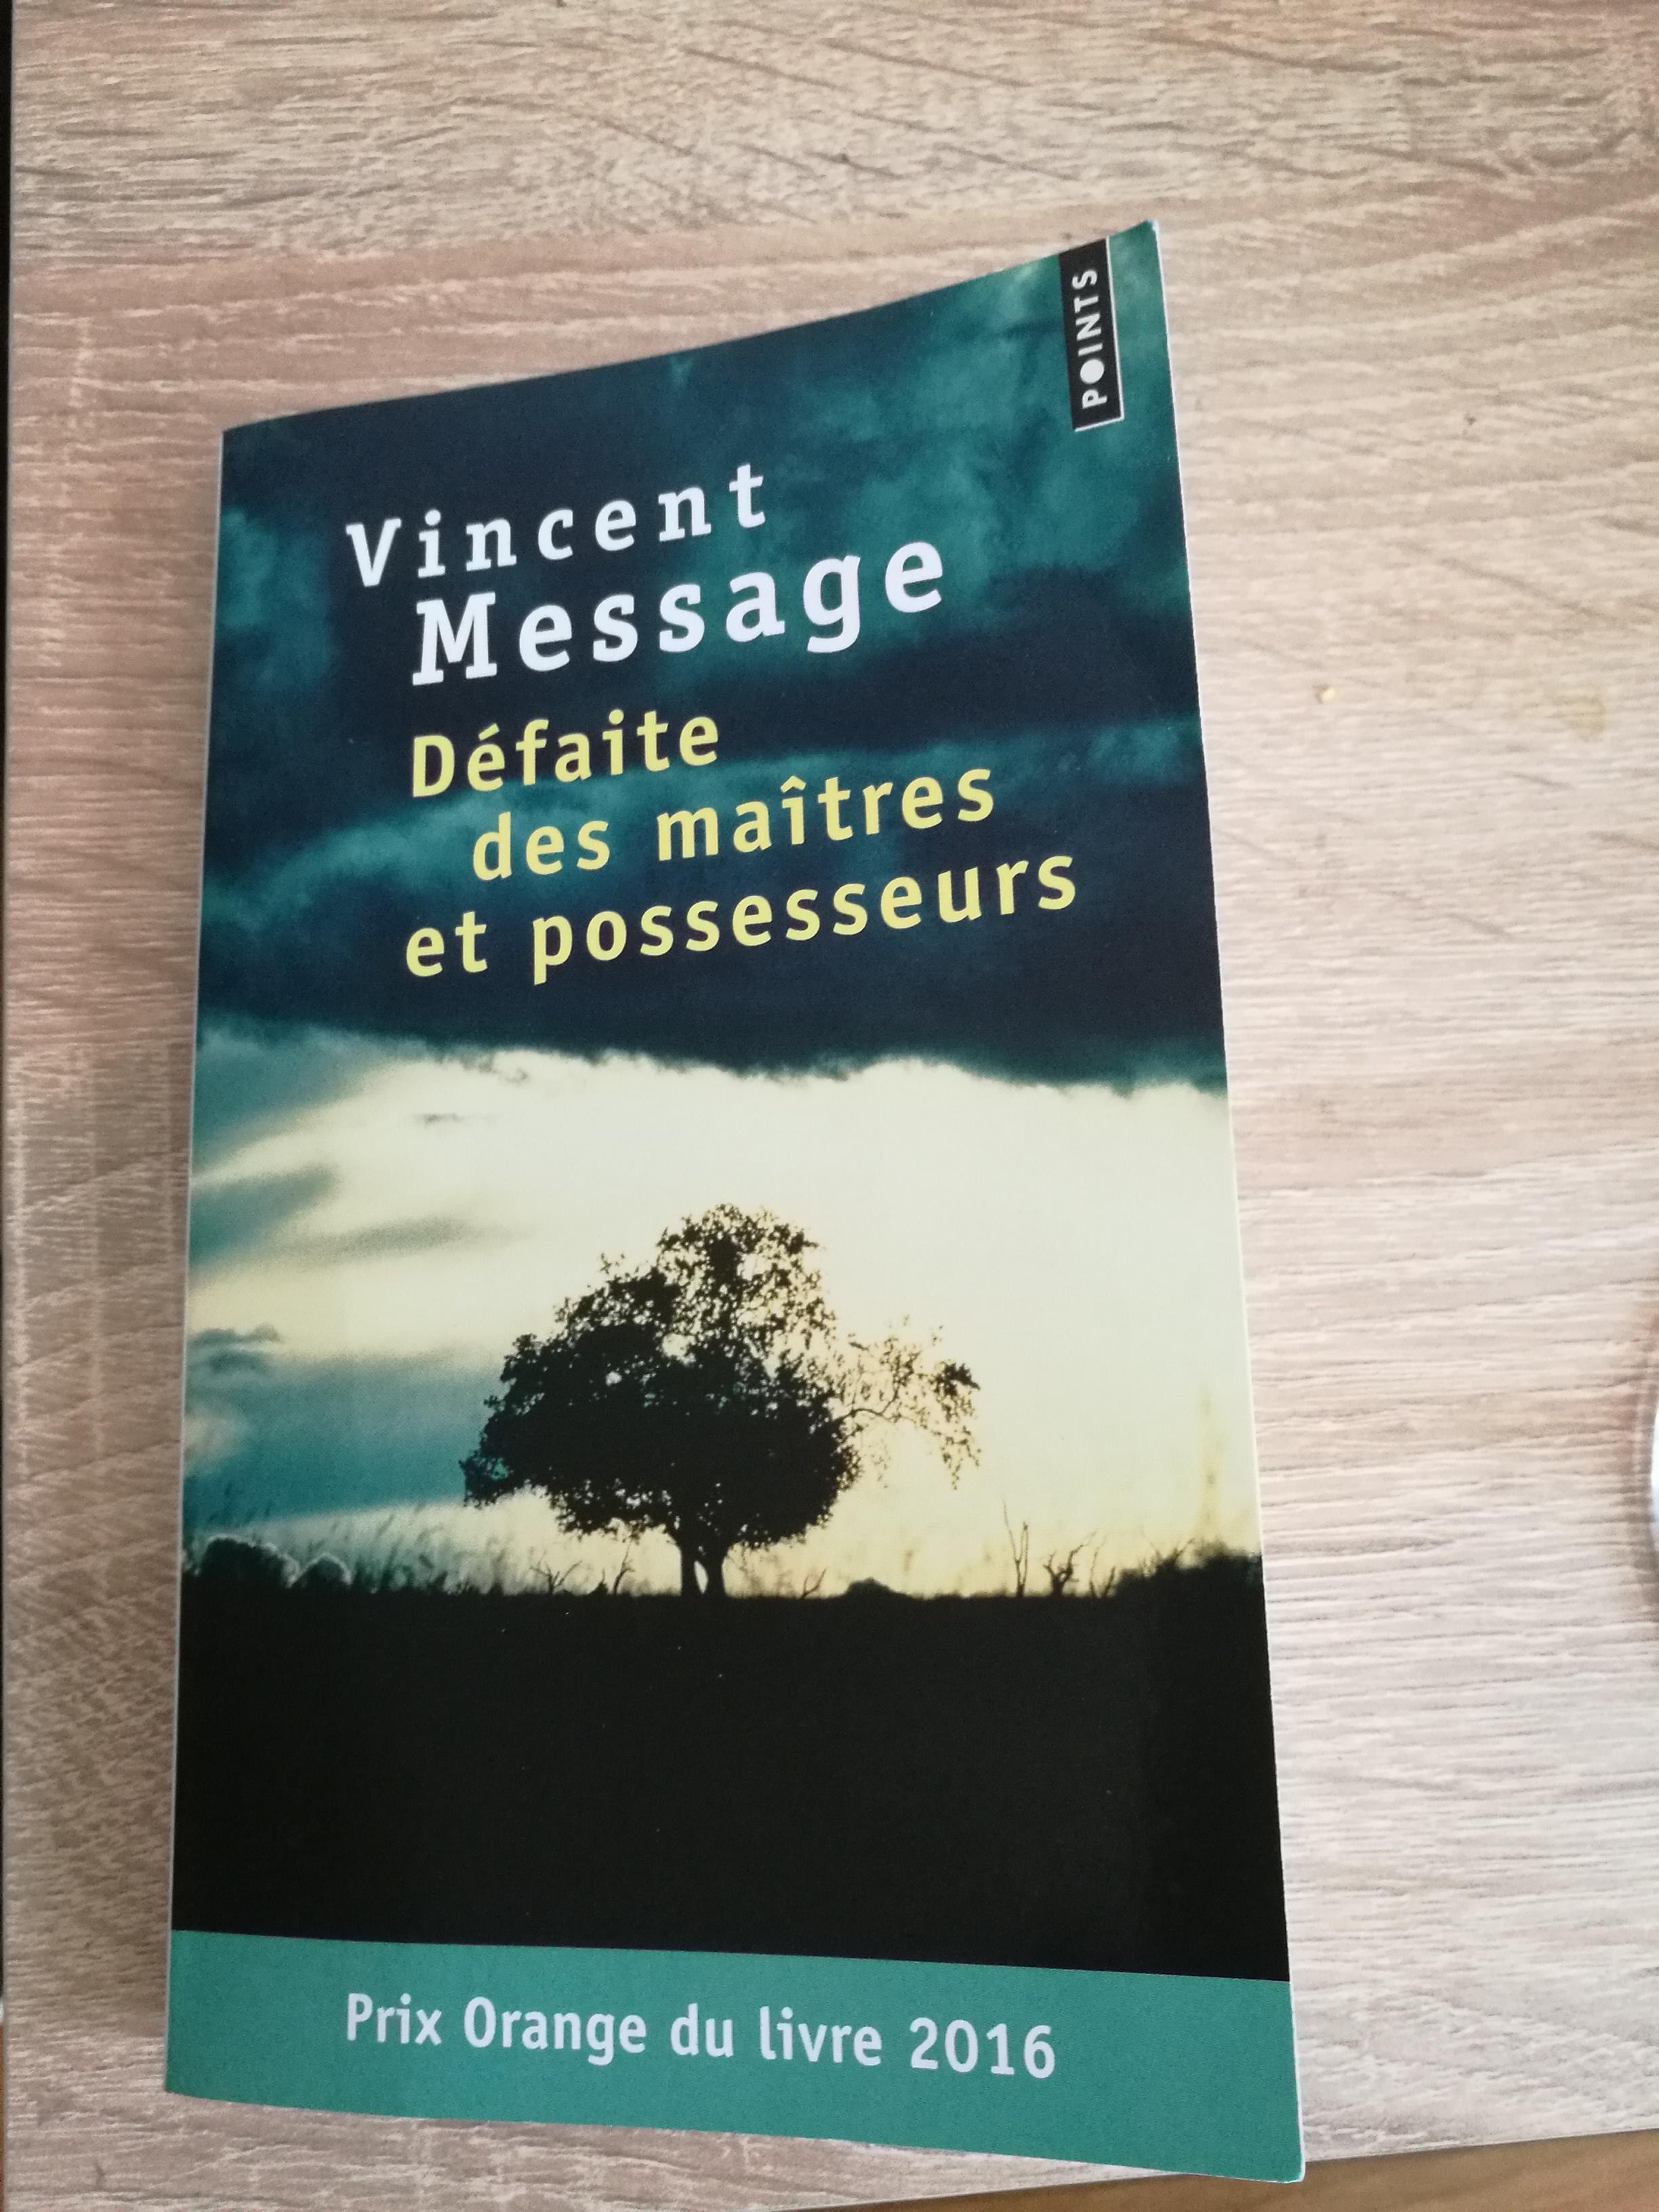 Défaite des maîtres et possesseurs, de Vincent Message